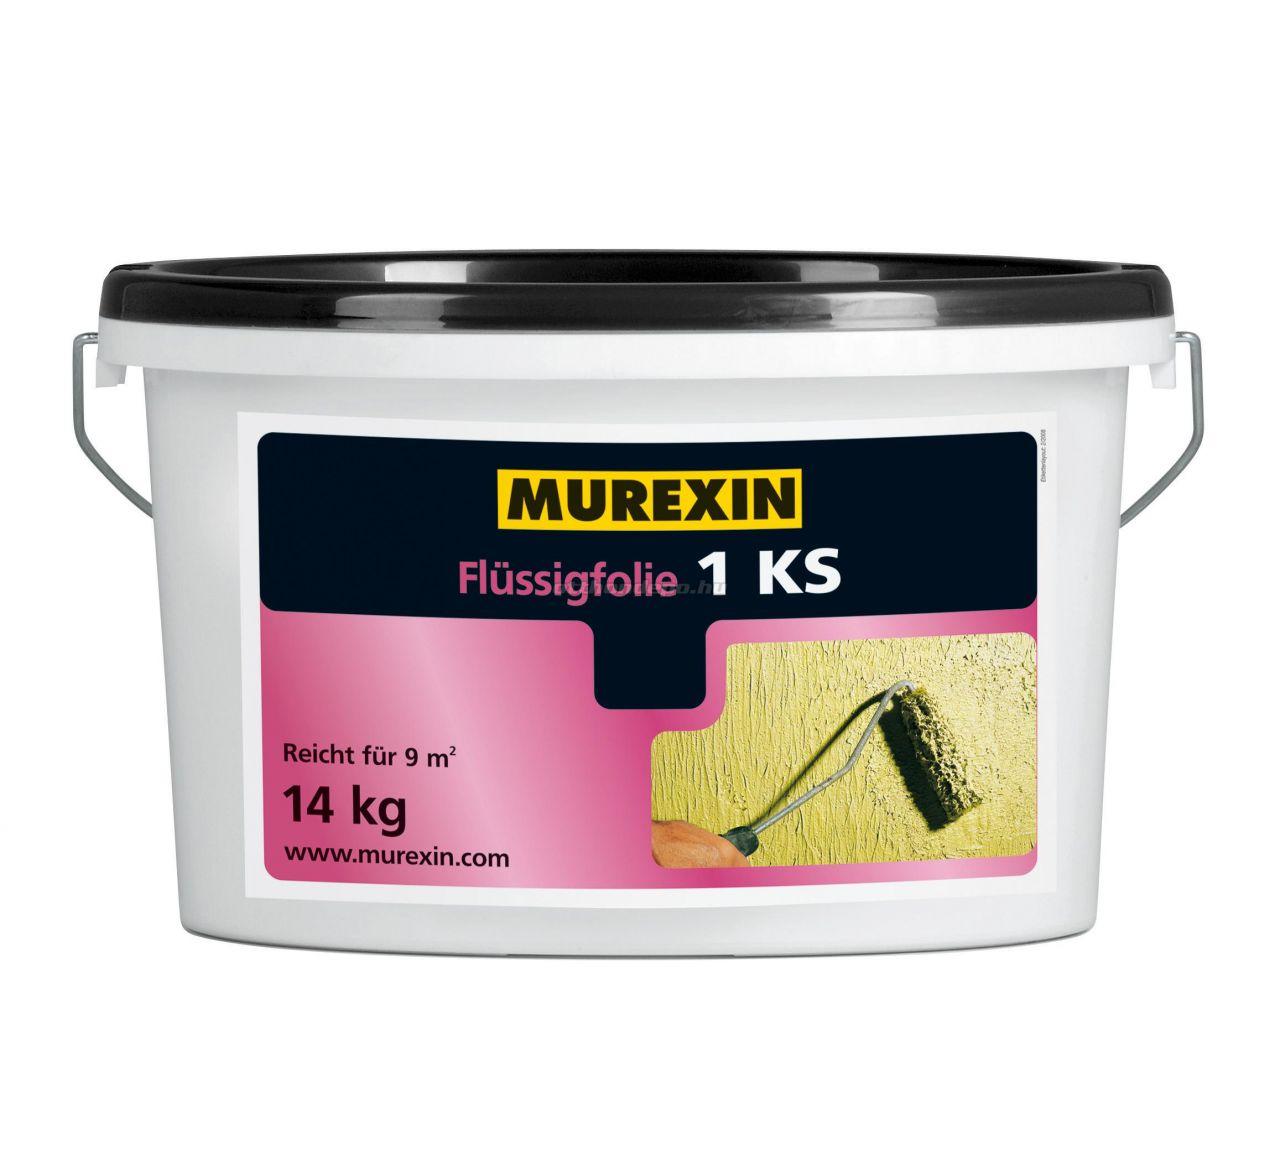 Murexin 1 KS Folyékonyfólia 25 Kg